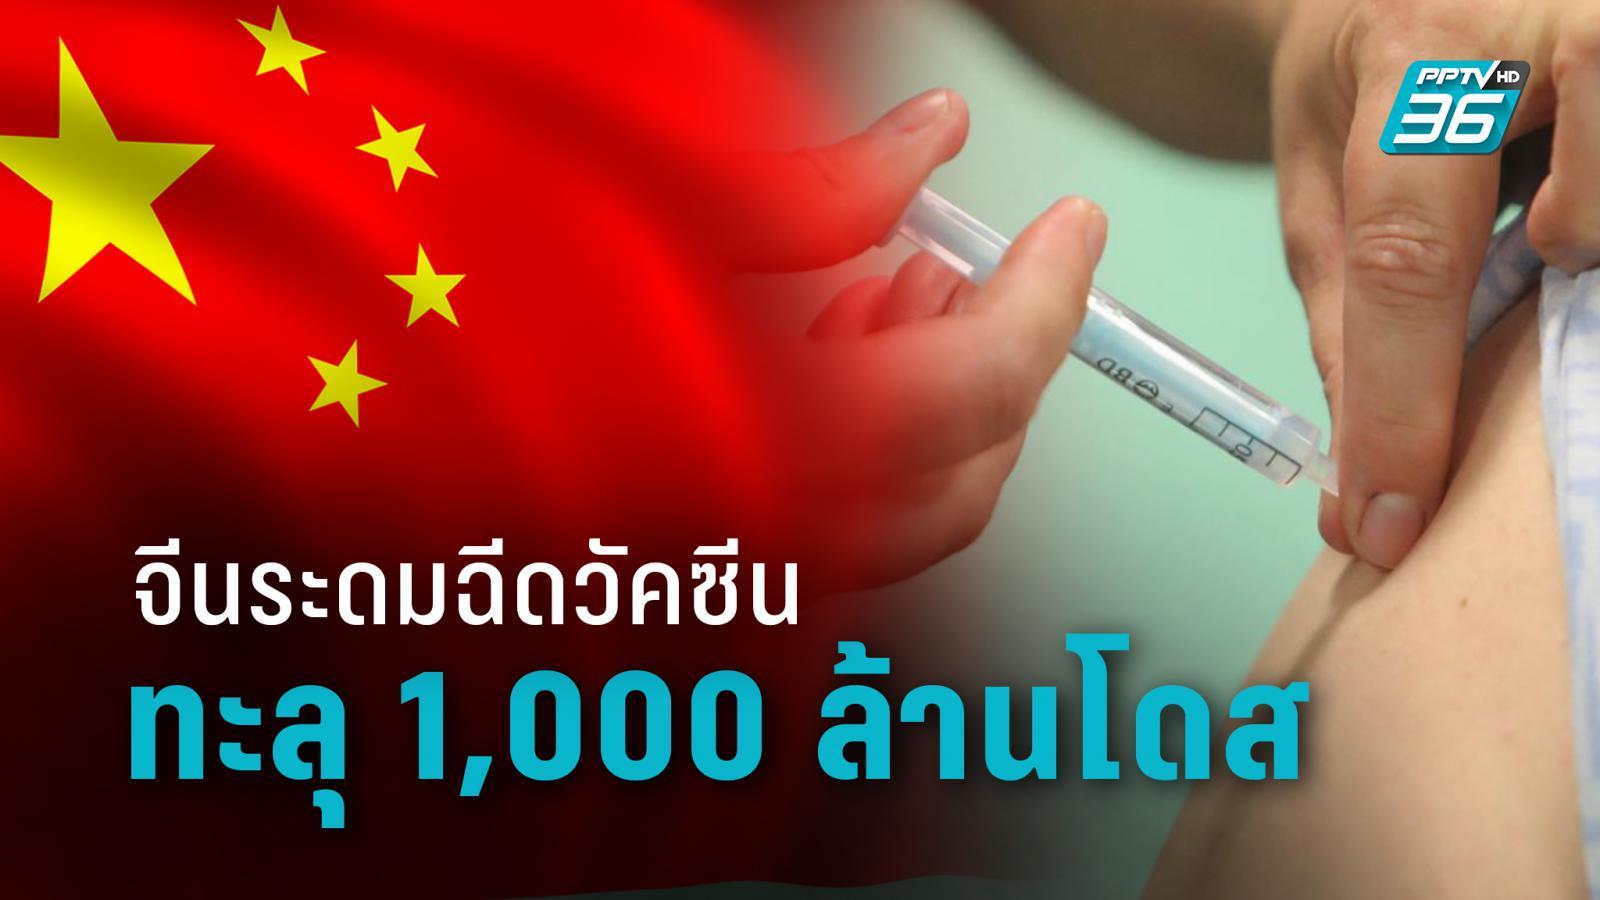 จีนระดมฉีดวัคซีนโควิดทะลุ 1,000 ล้านโดส